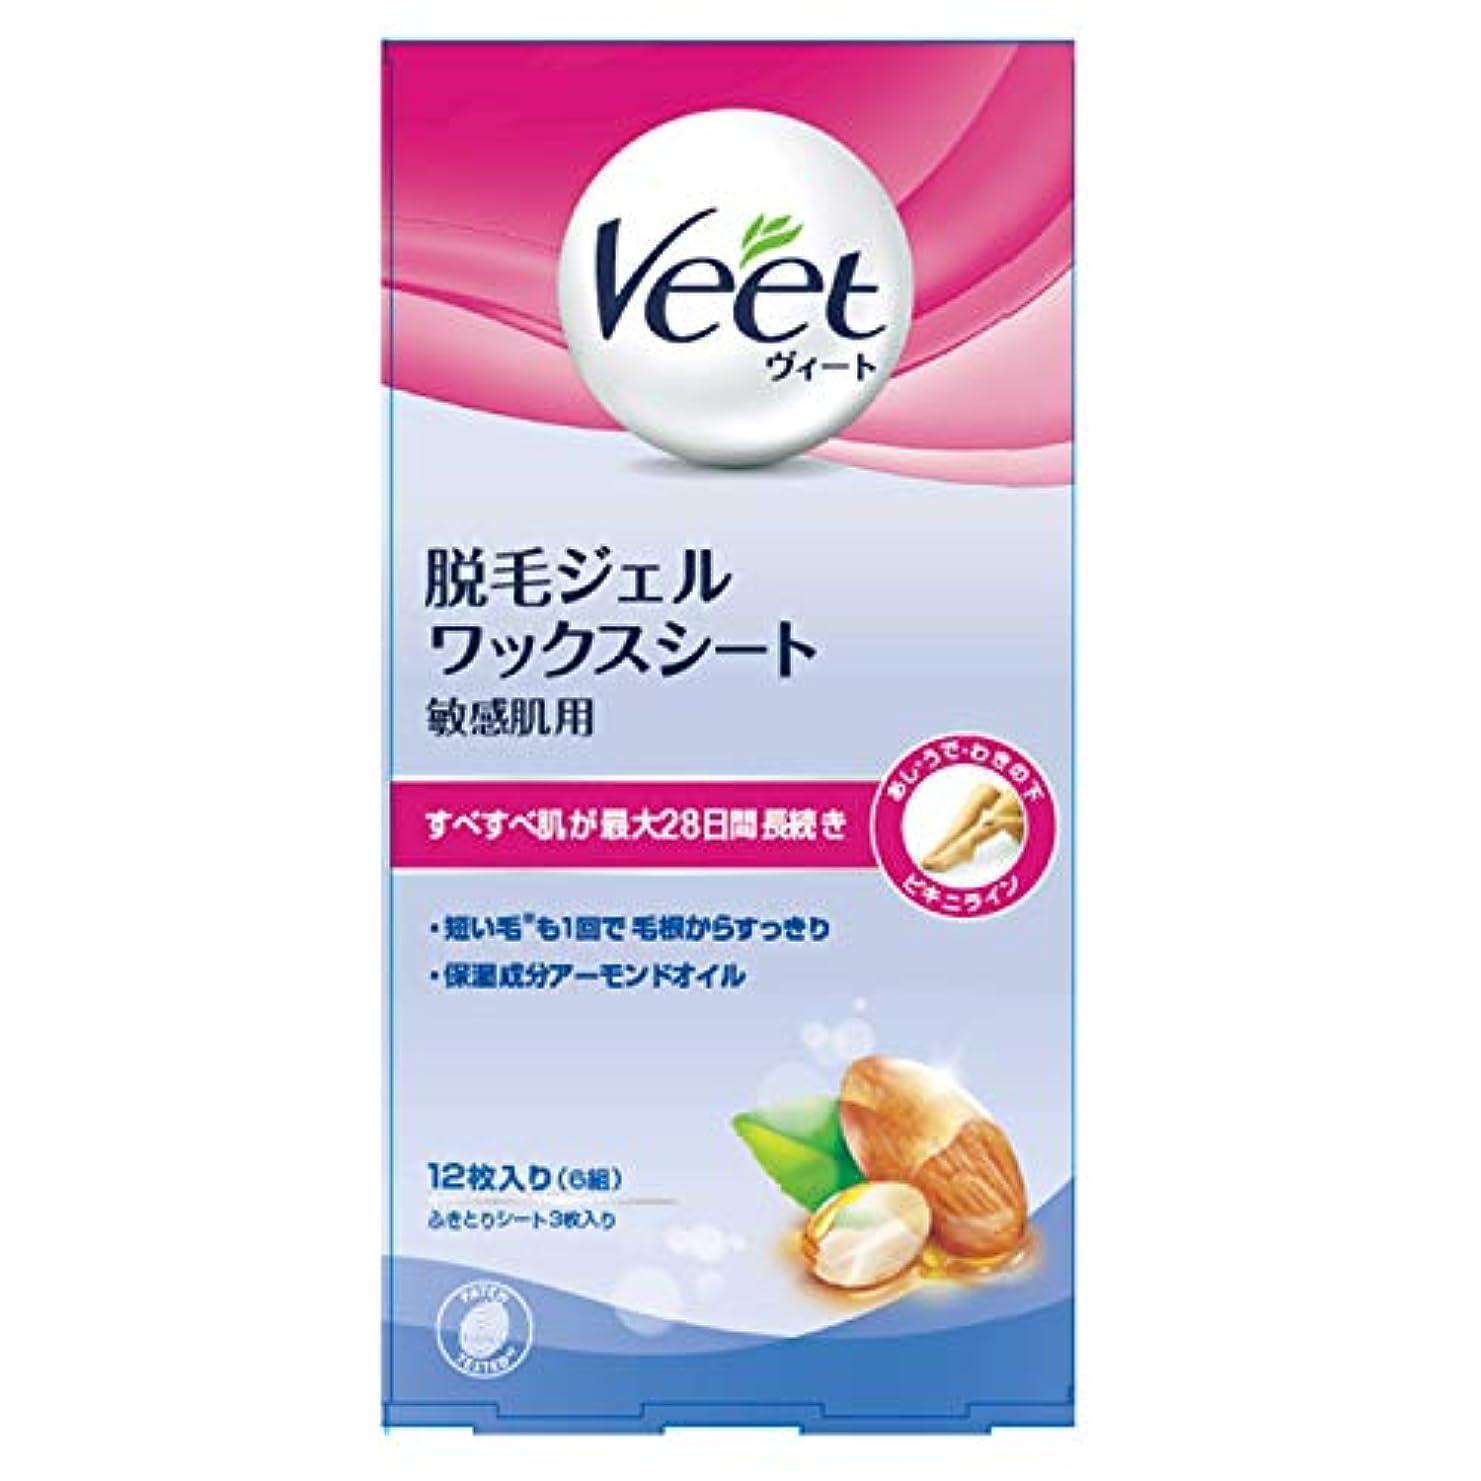 ラオス人凍結自伝ヴィート 脱毛ワックスシート 敏感肌用 (Veet Wax Strips Sensitive)